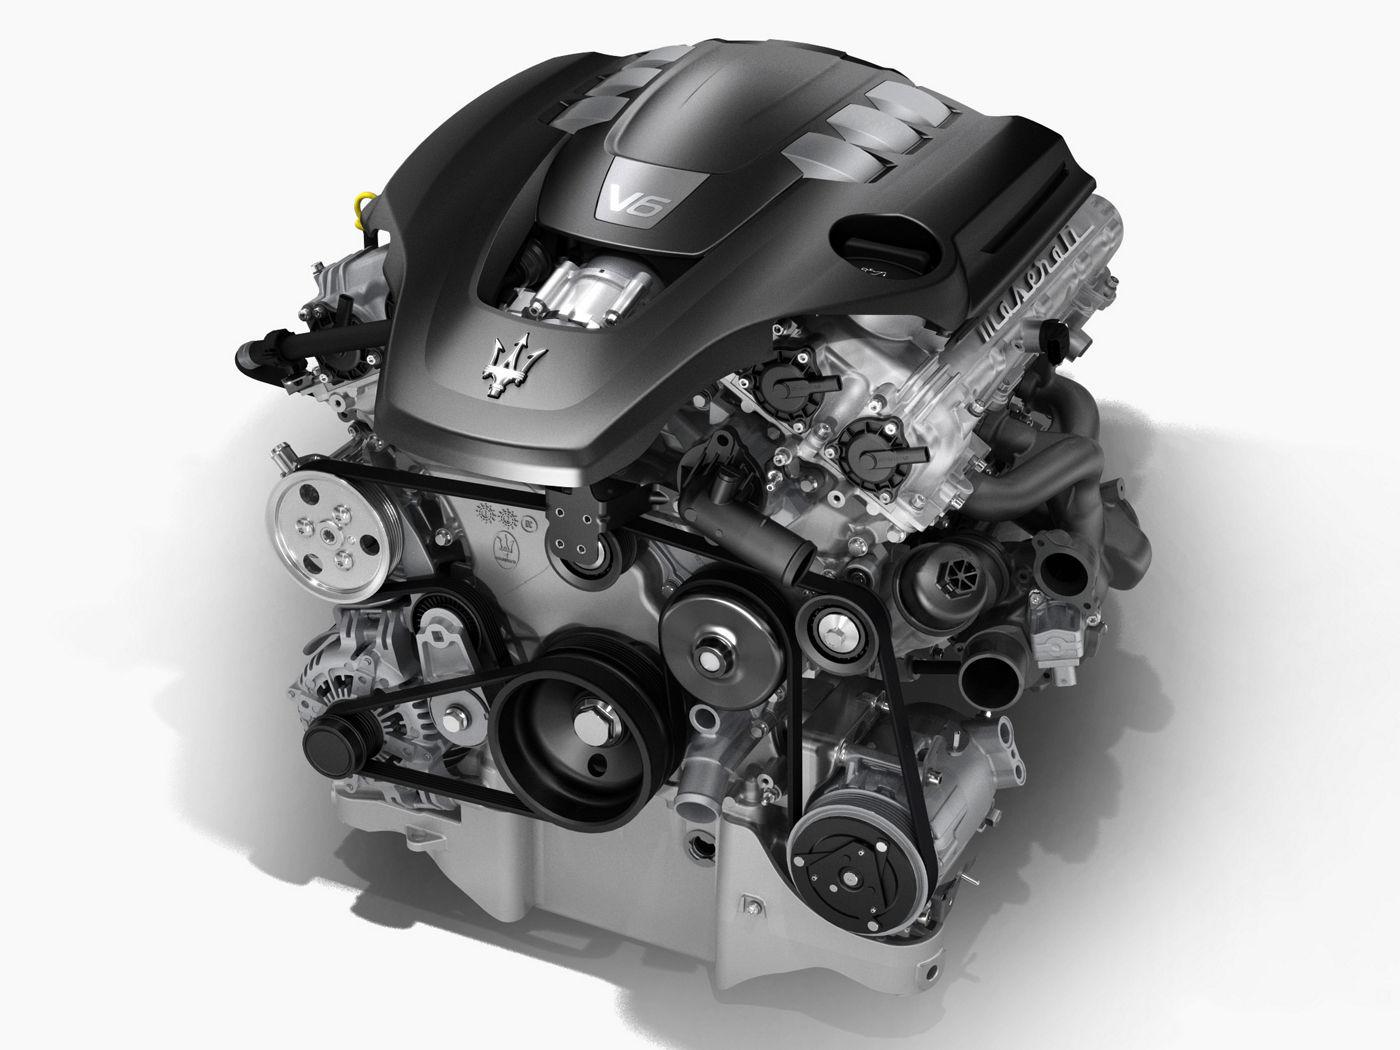 Maserati Quattroporte V6 engine - structure view